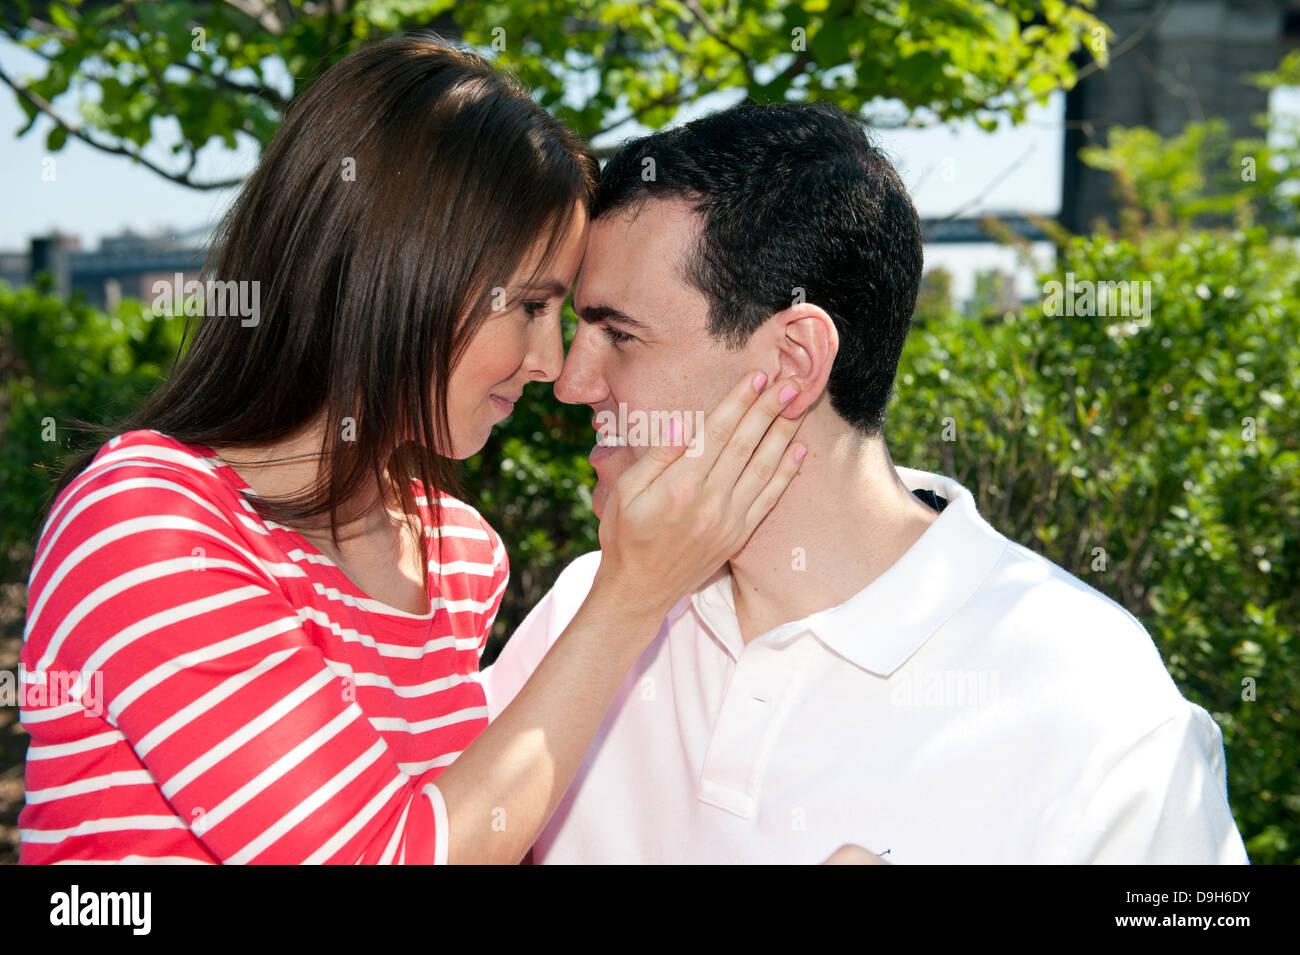 Young Caucasian Couple regarder les uns les autres avec amour Photo Stock